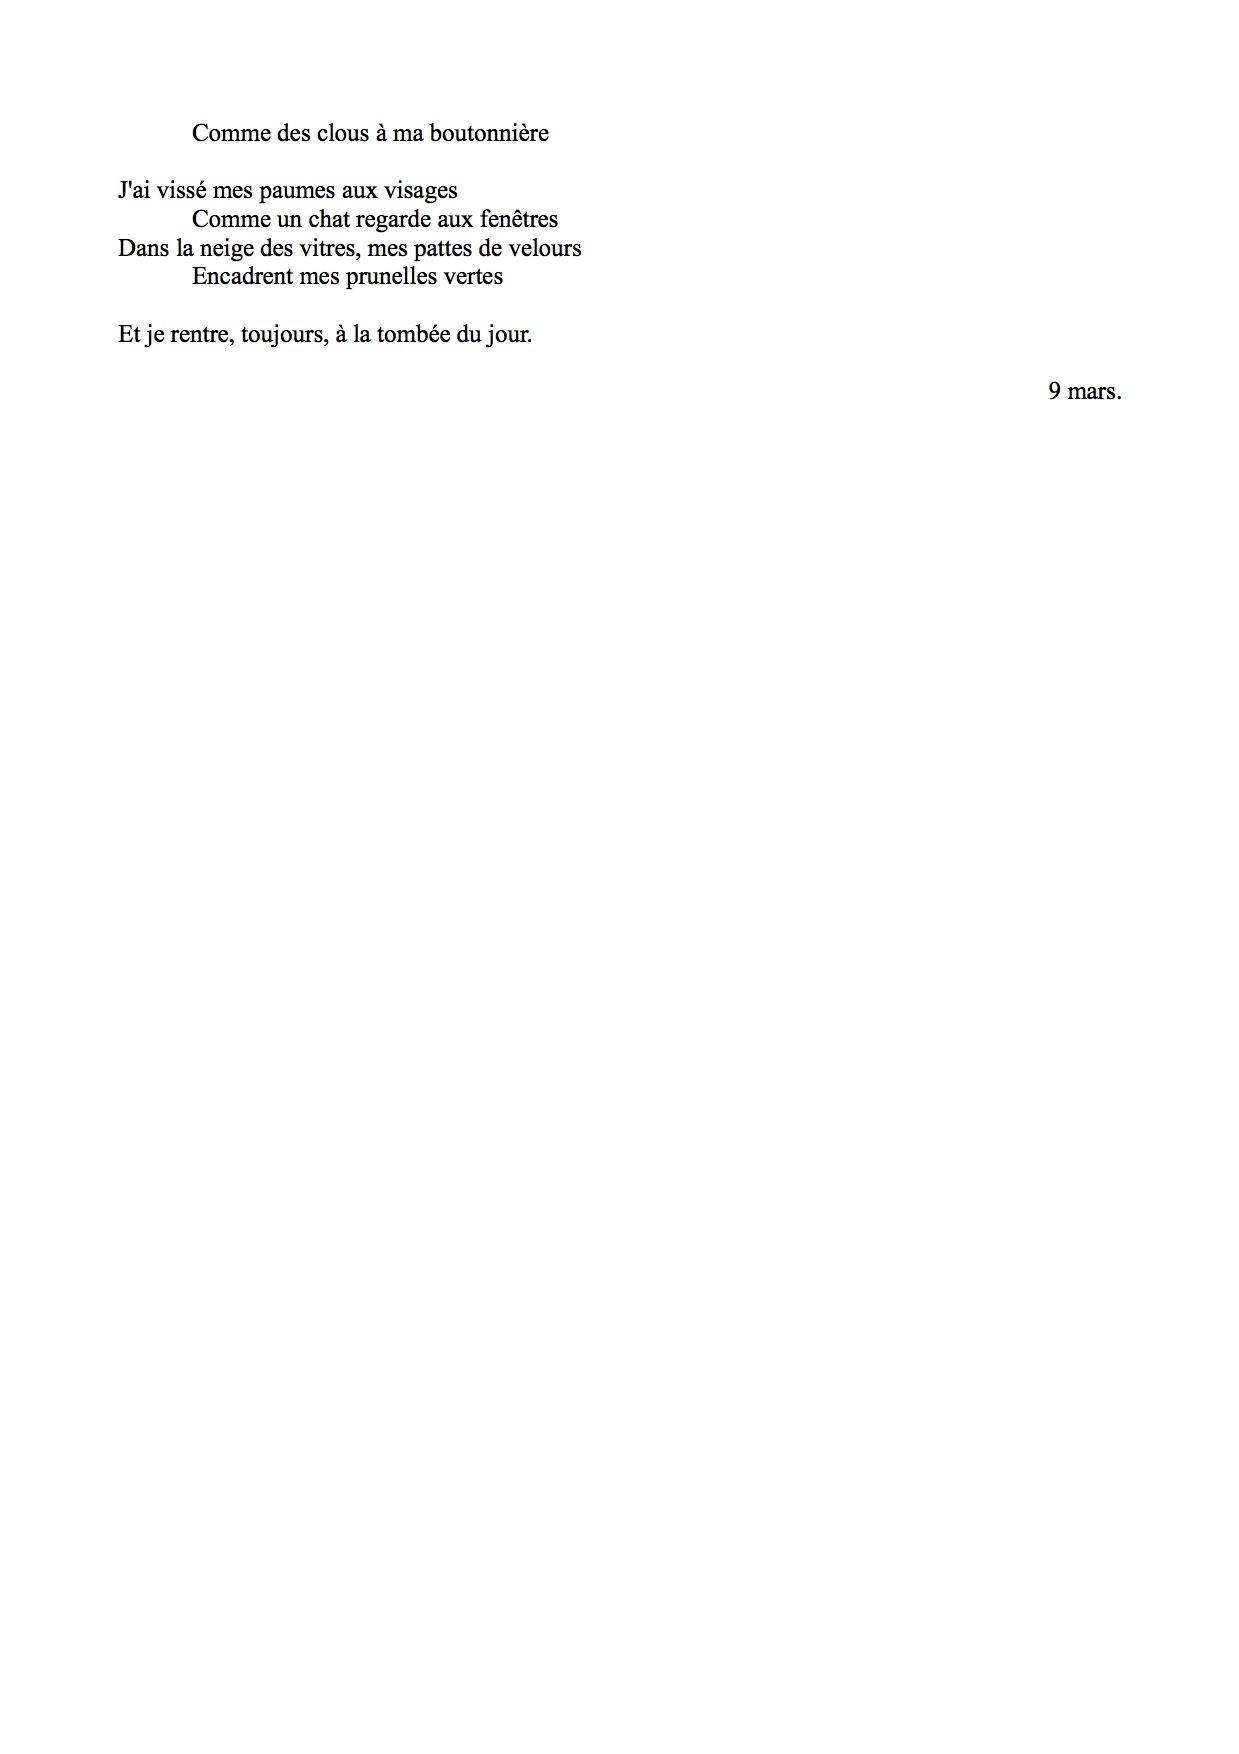 PANTIN DIURNE (2)